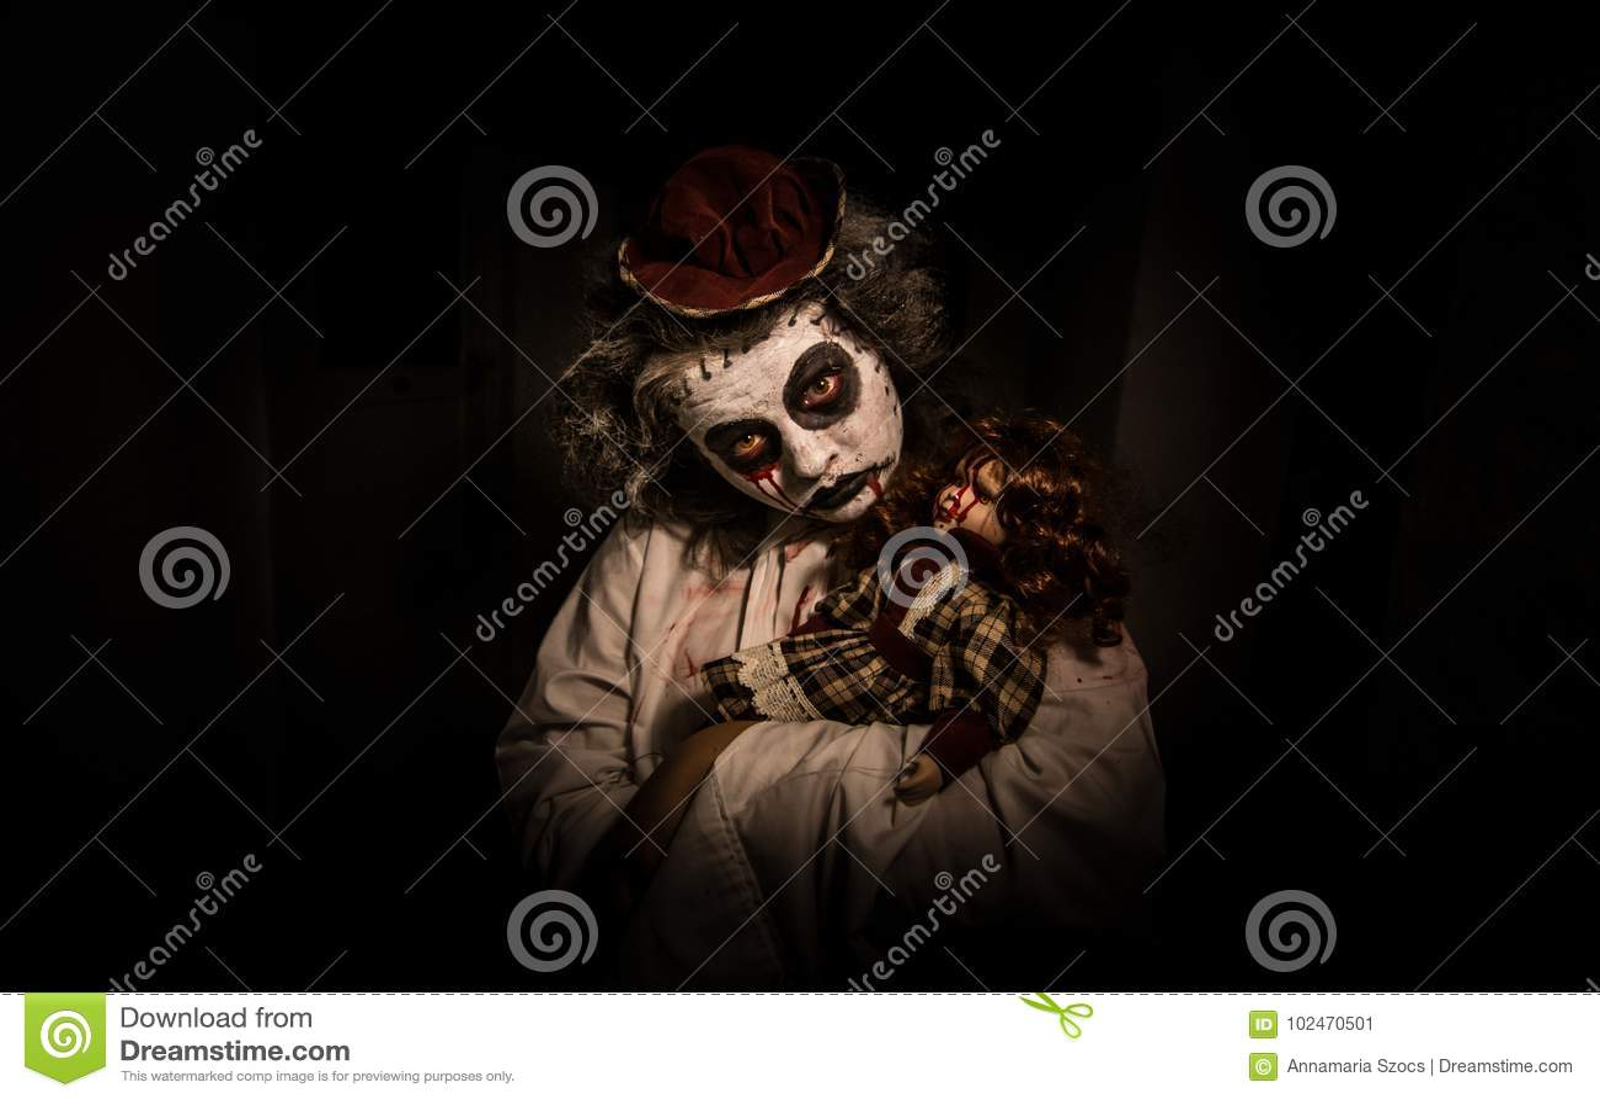 Ritratto di una ragazza terrificante con la bambola sanguinosa